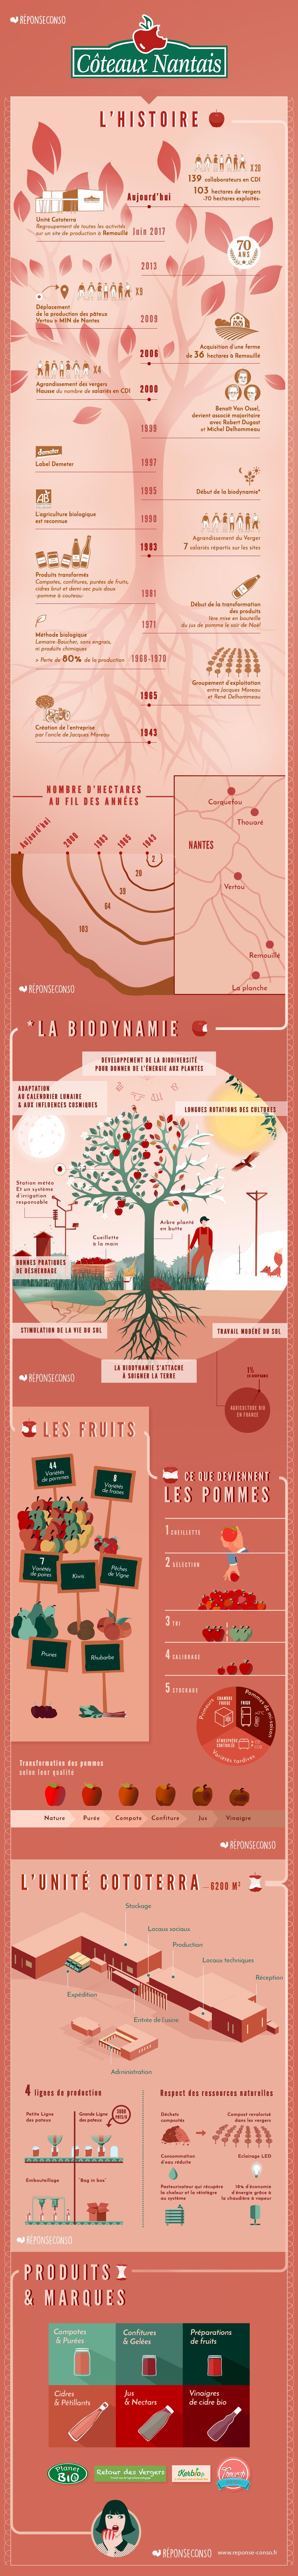 Infographie de l'histoire des Côteaux Nantais